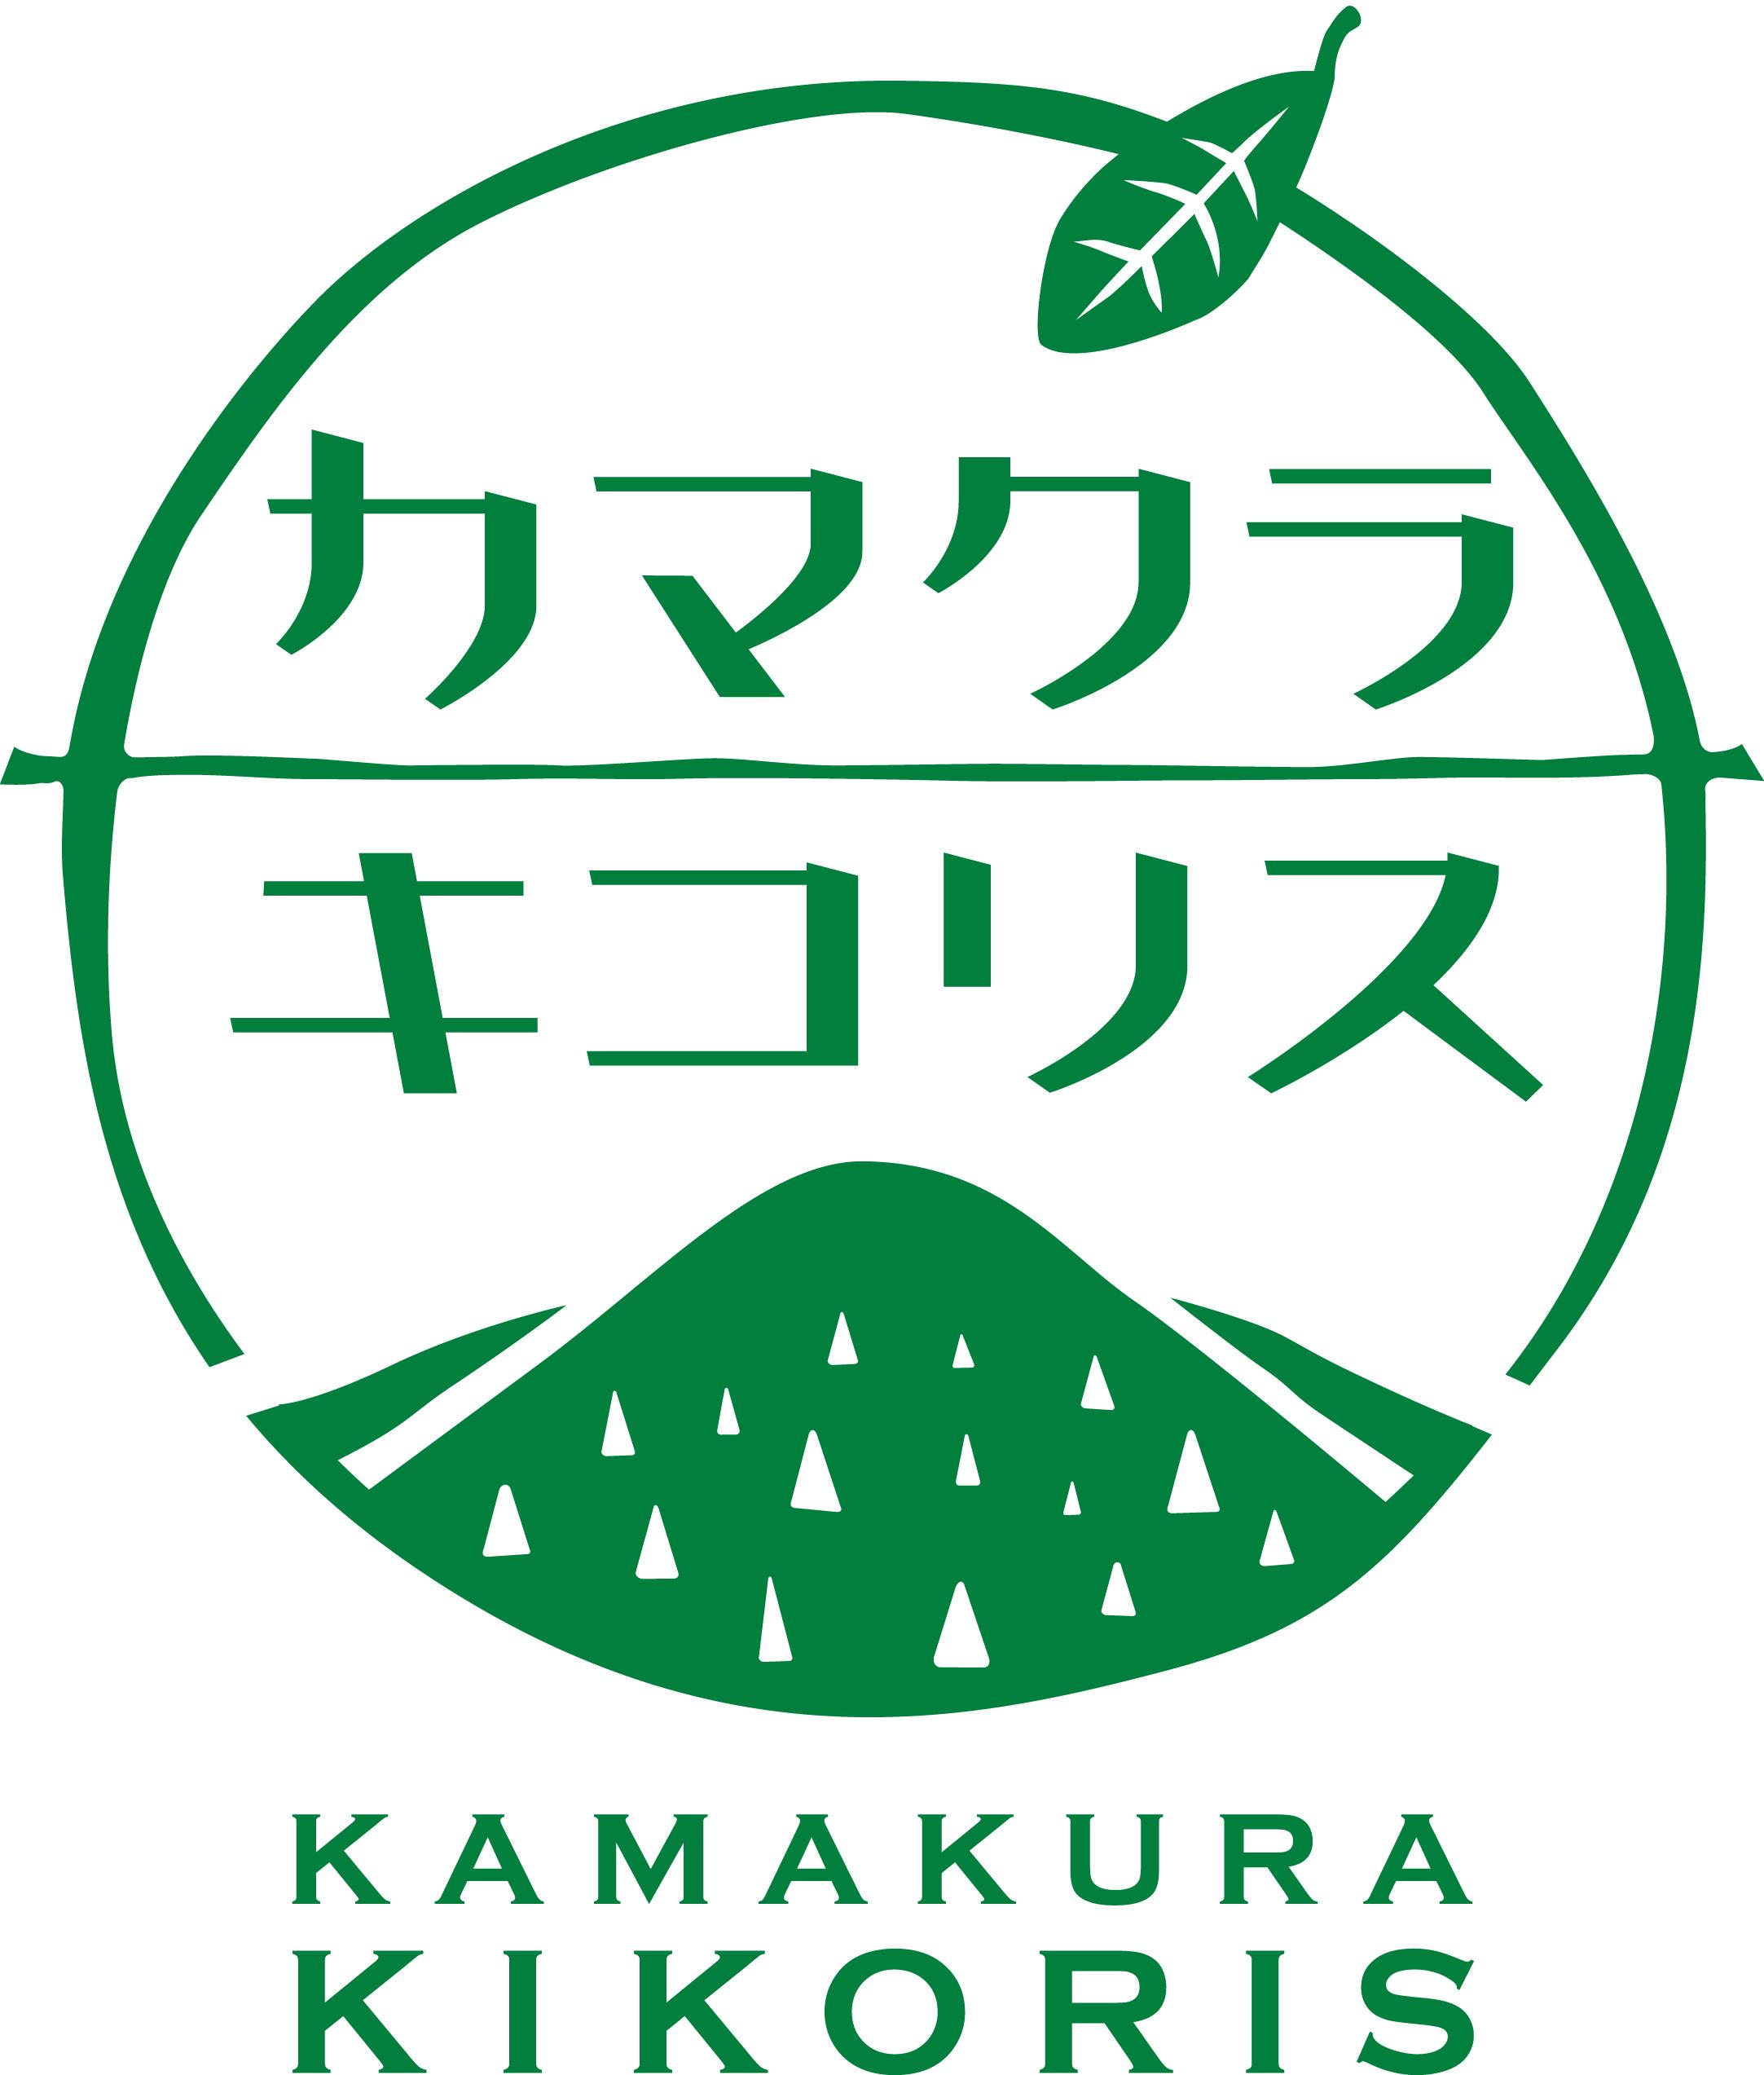 『カマクラキコリス』ワークショップを神奈川新聞が掲載_c0014967_06020591.jpg